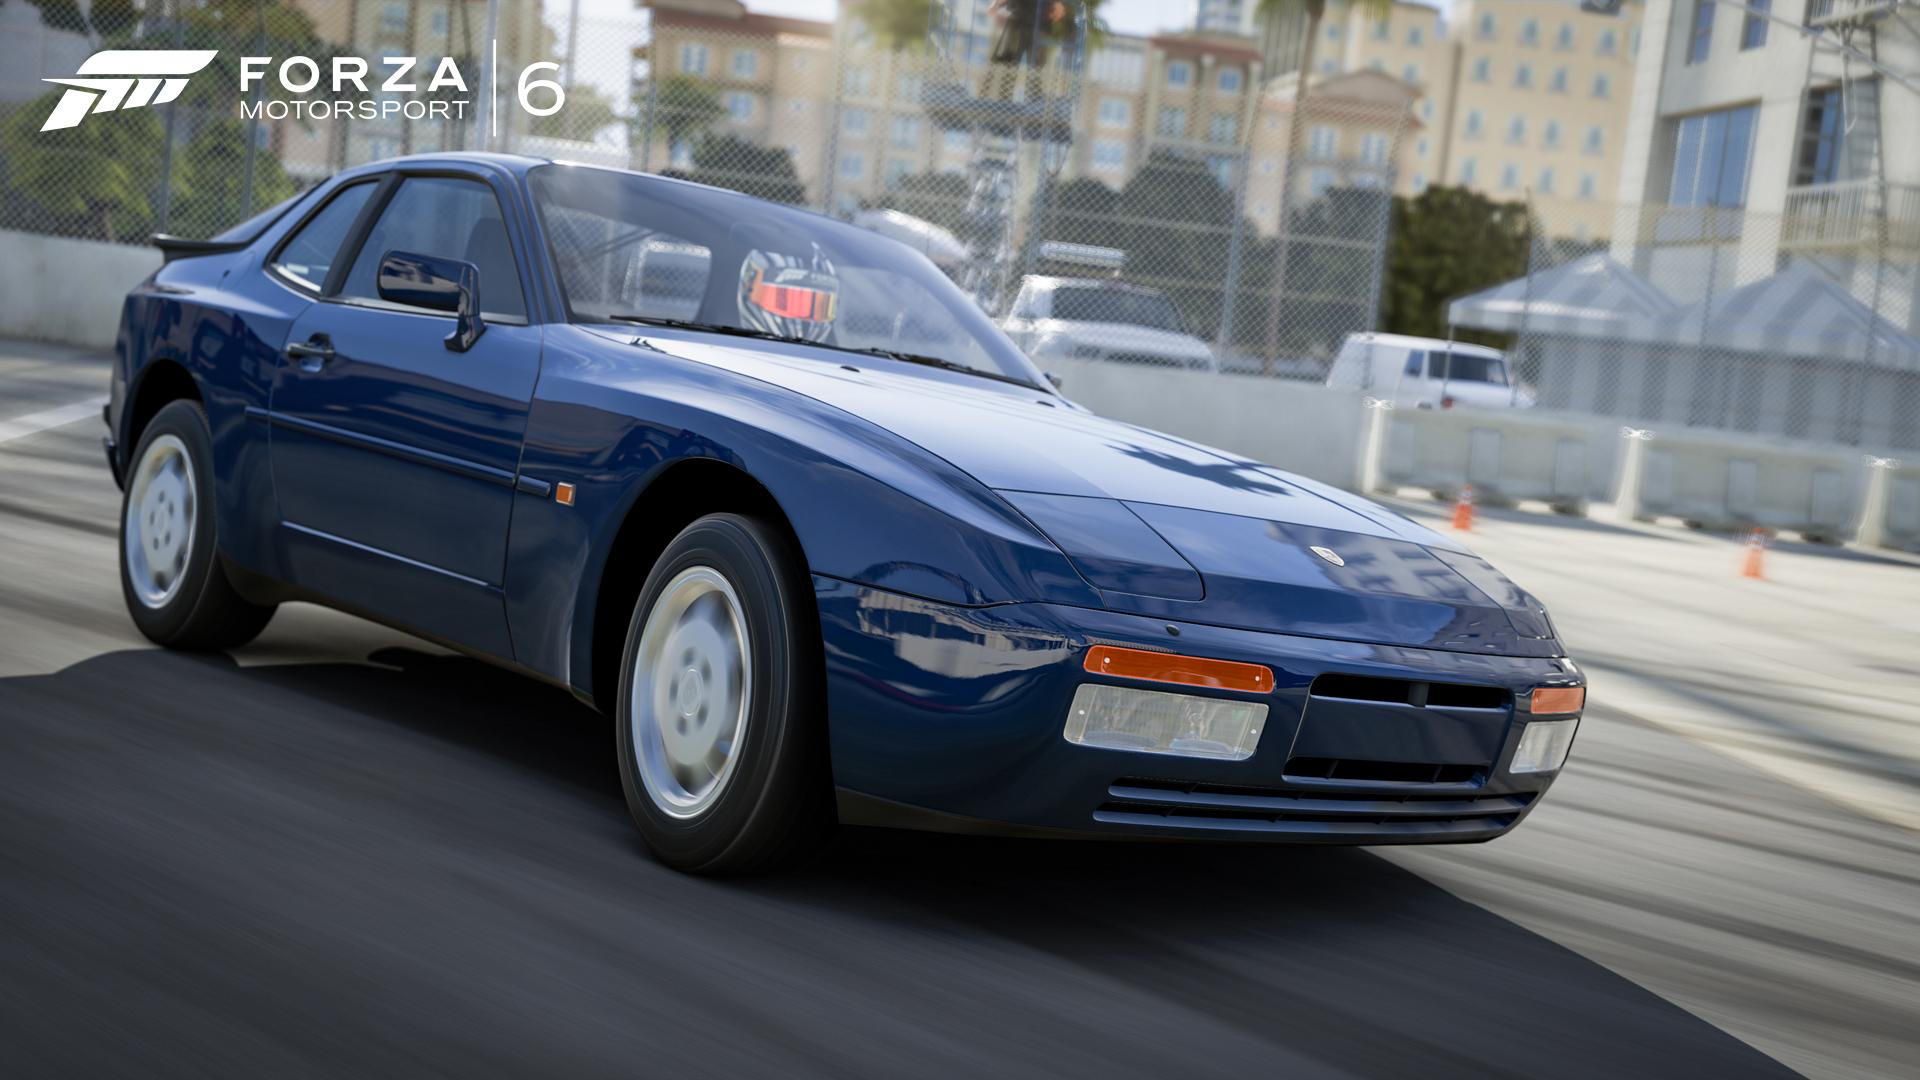 Porsche 944 Forza Motorsport 6